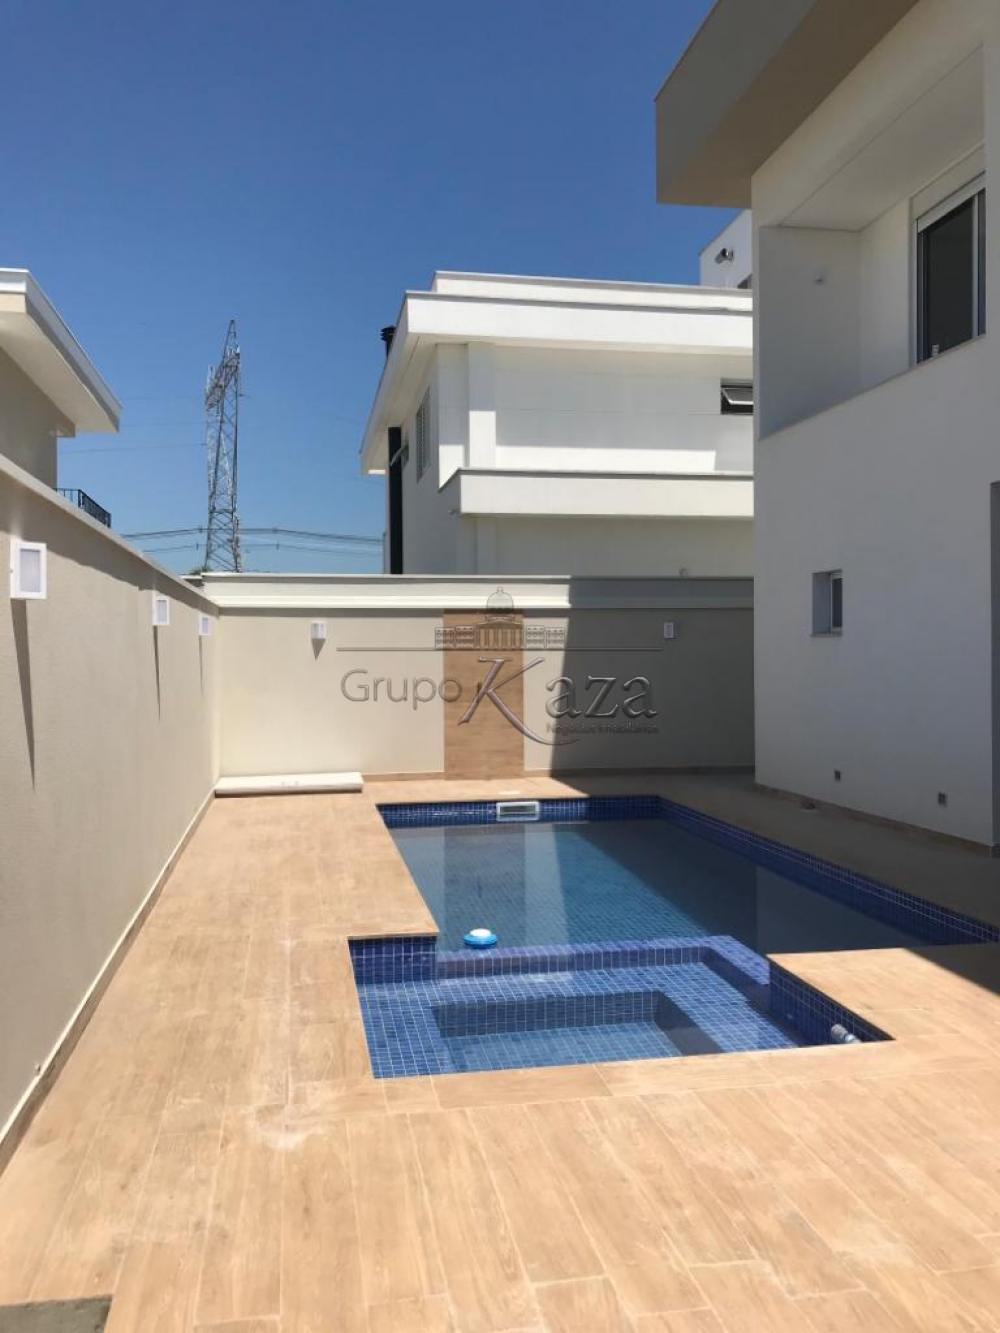 Comprar Casa / Condomínio em São José dos Campos apenas R$ 2.000.000,00 - Foto 22